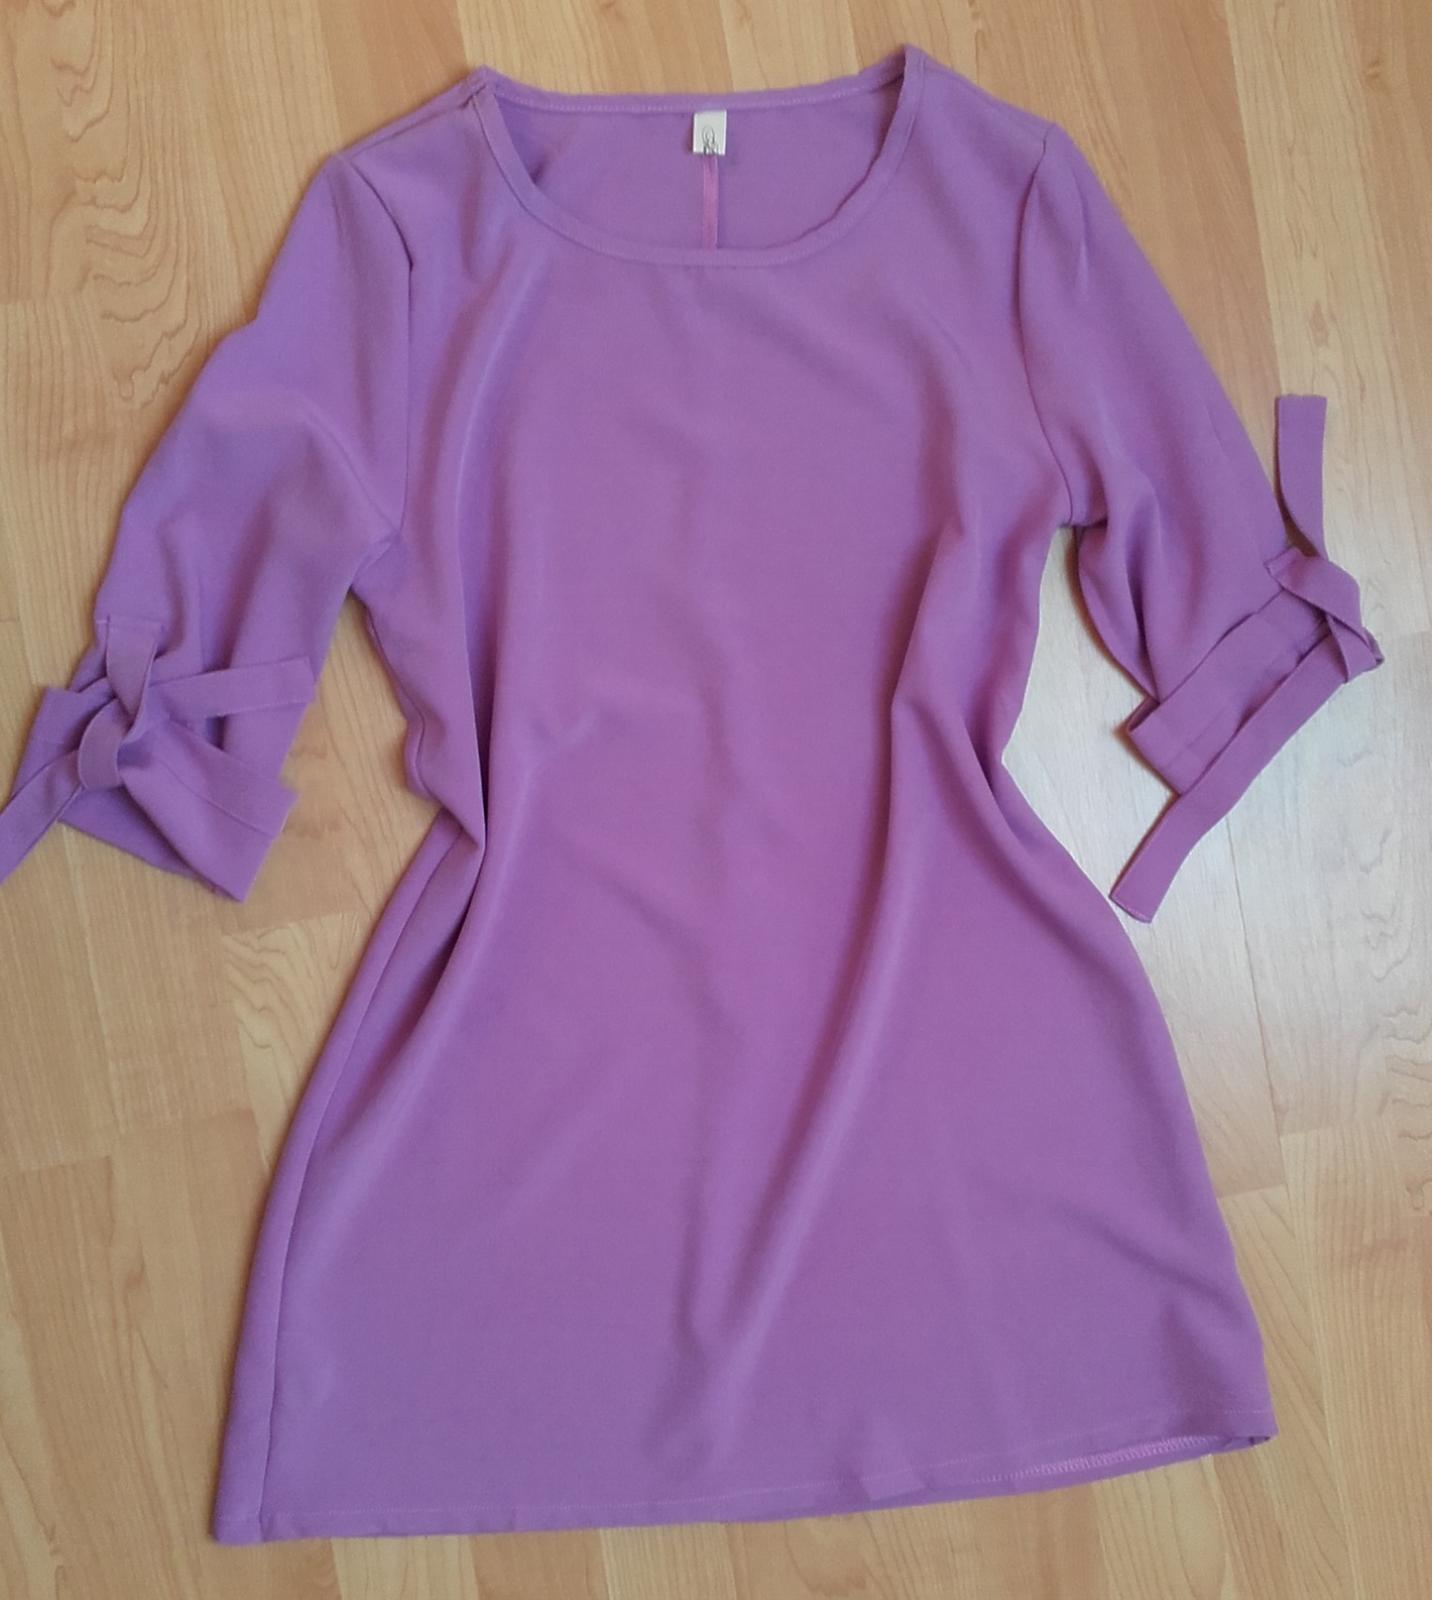 Volné šaty s tříčtvrtečními rukávy  - Obrázek č. 2